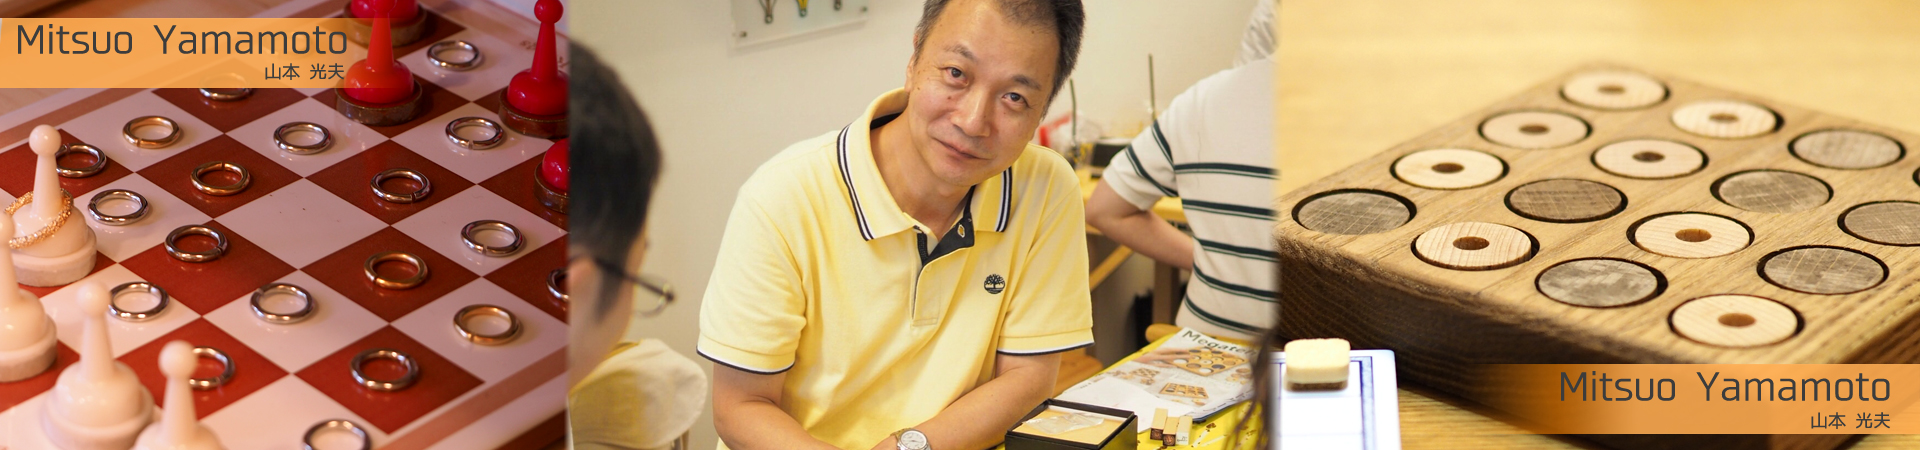 mitsuo-yamamoto